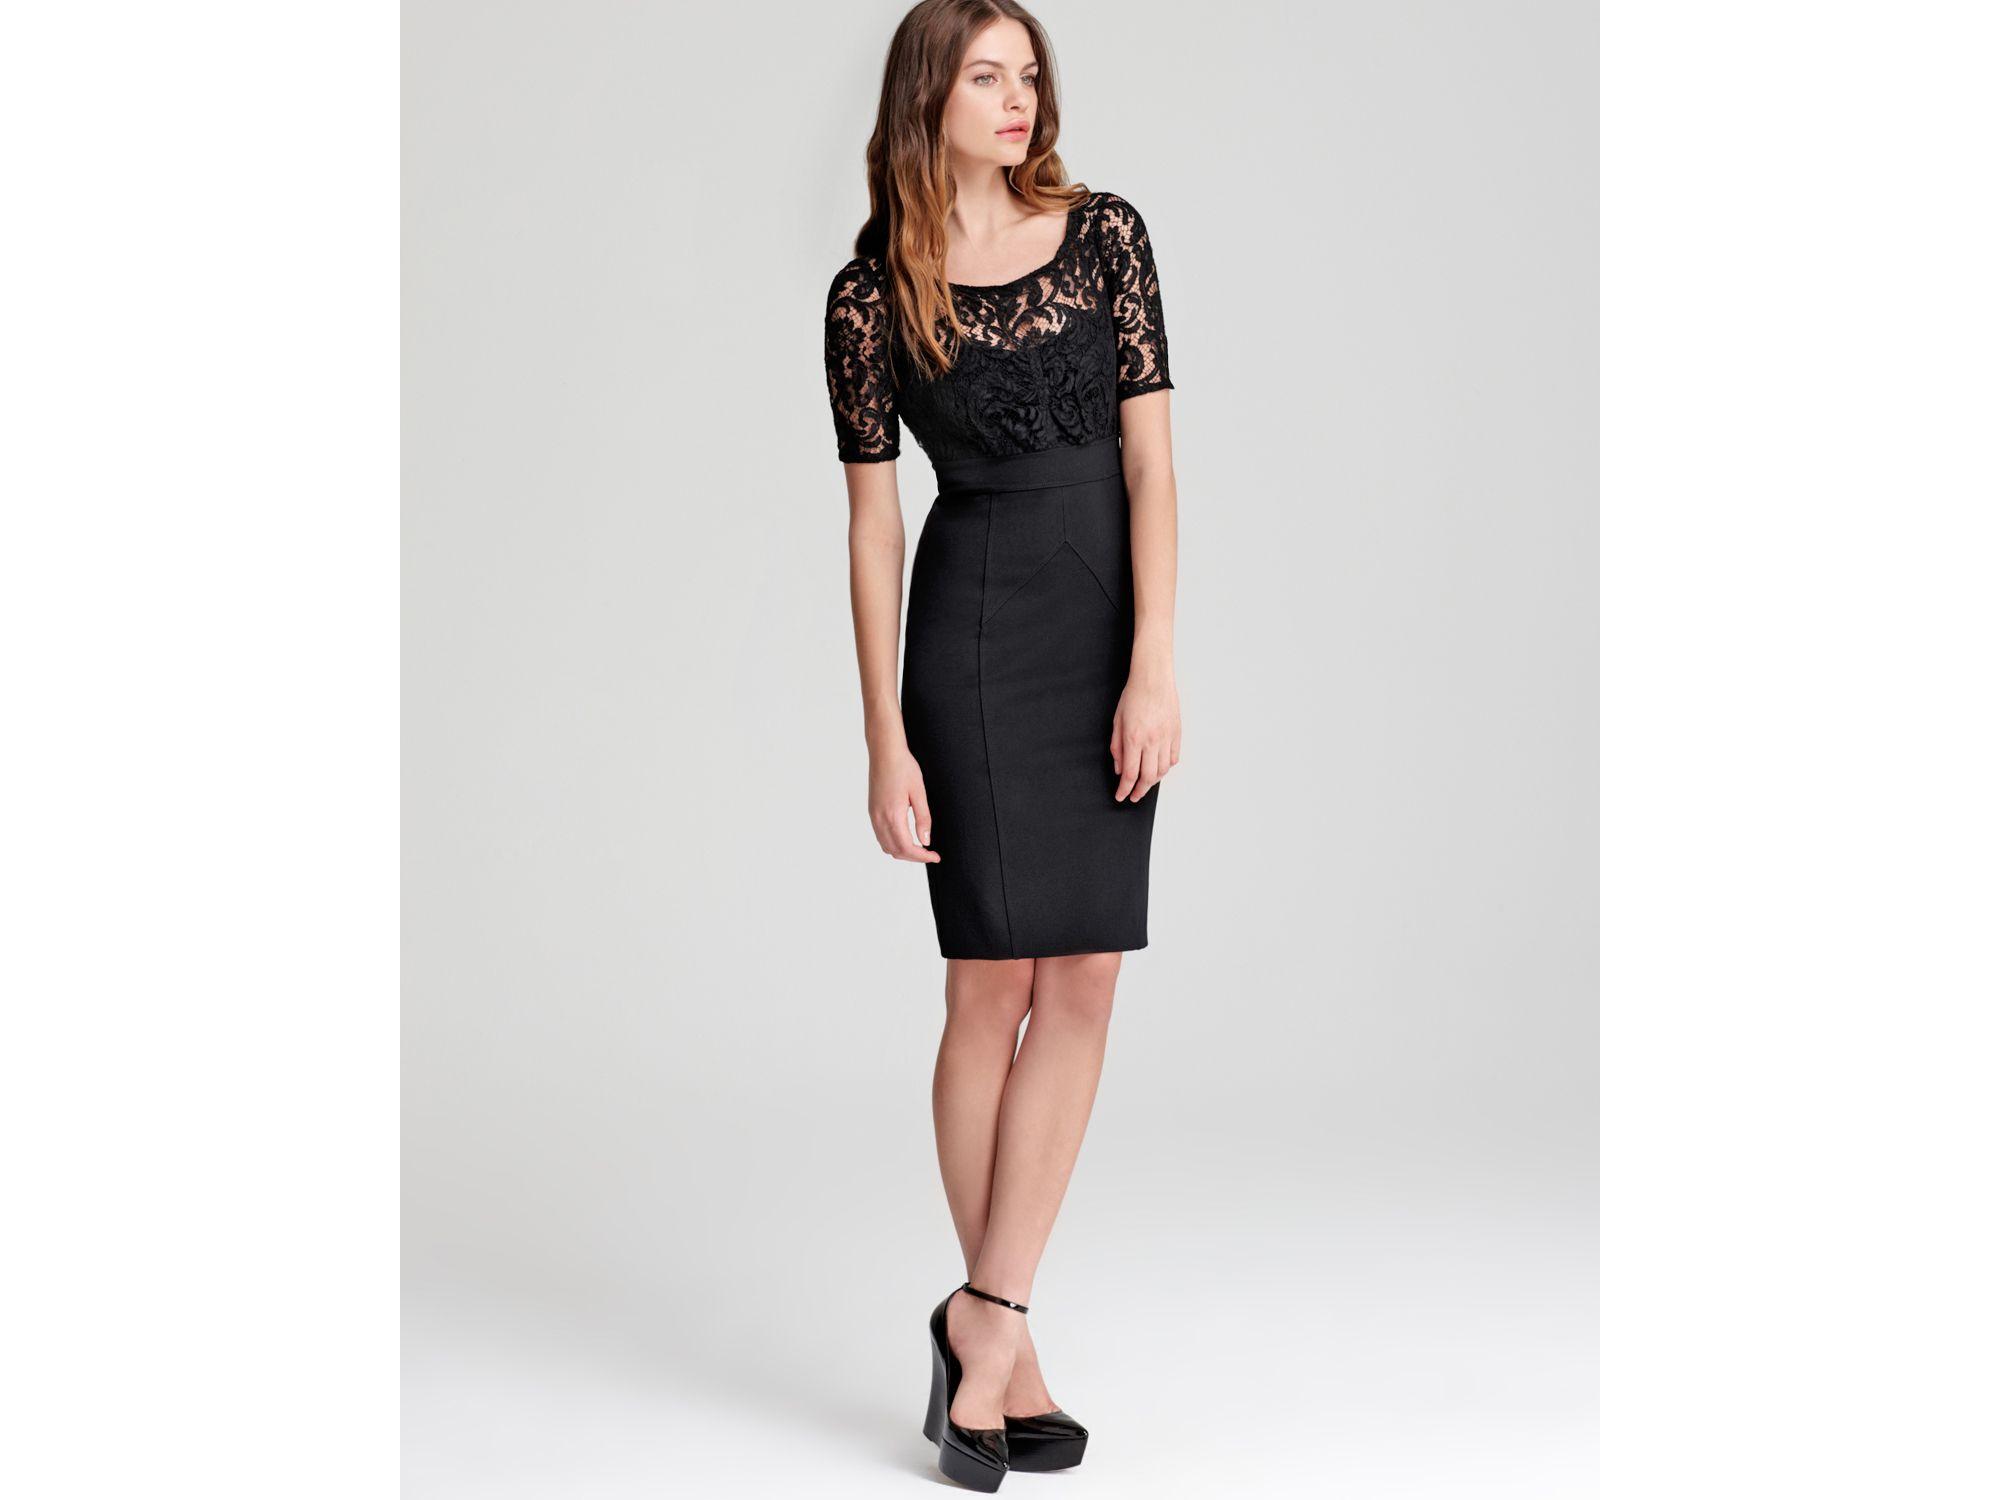 Short Black Lace Tops